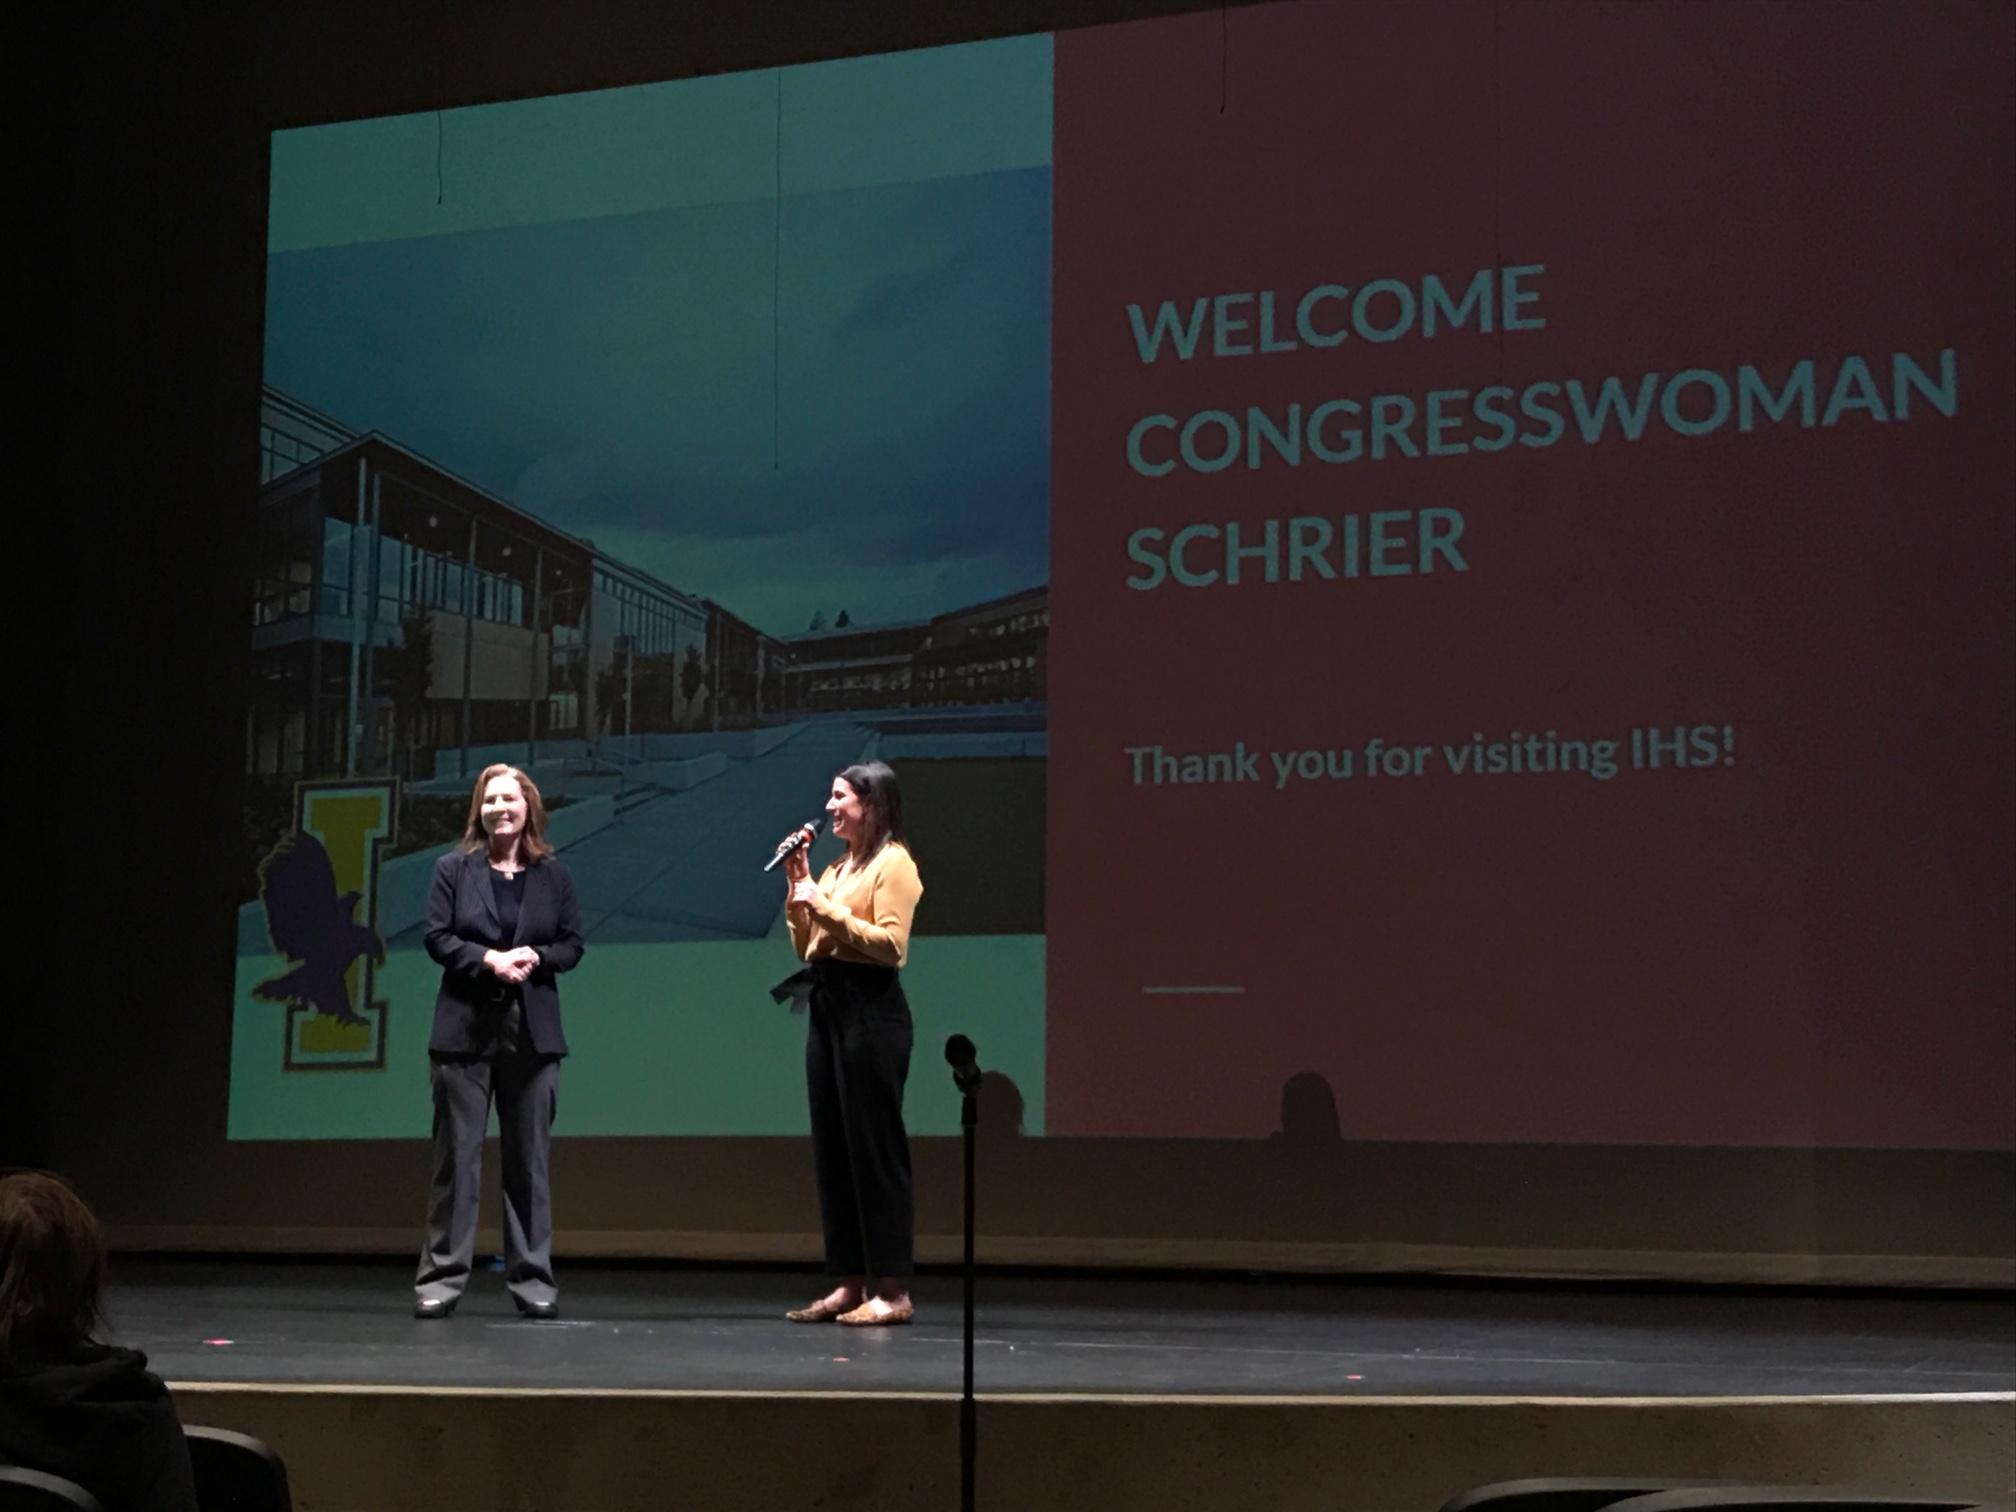 congresswoman kim schrier, kim schrier issaquah high school, schrier issaquah high school, kim schrier 8th district, schrier state of the union guest,